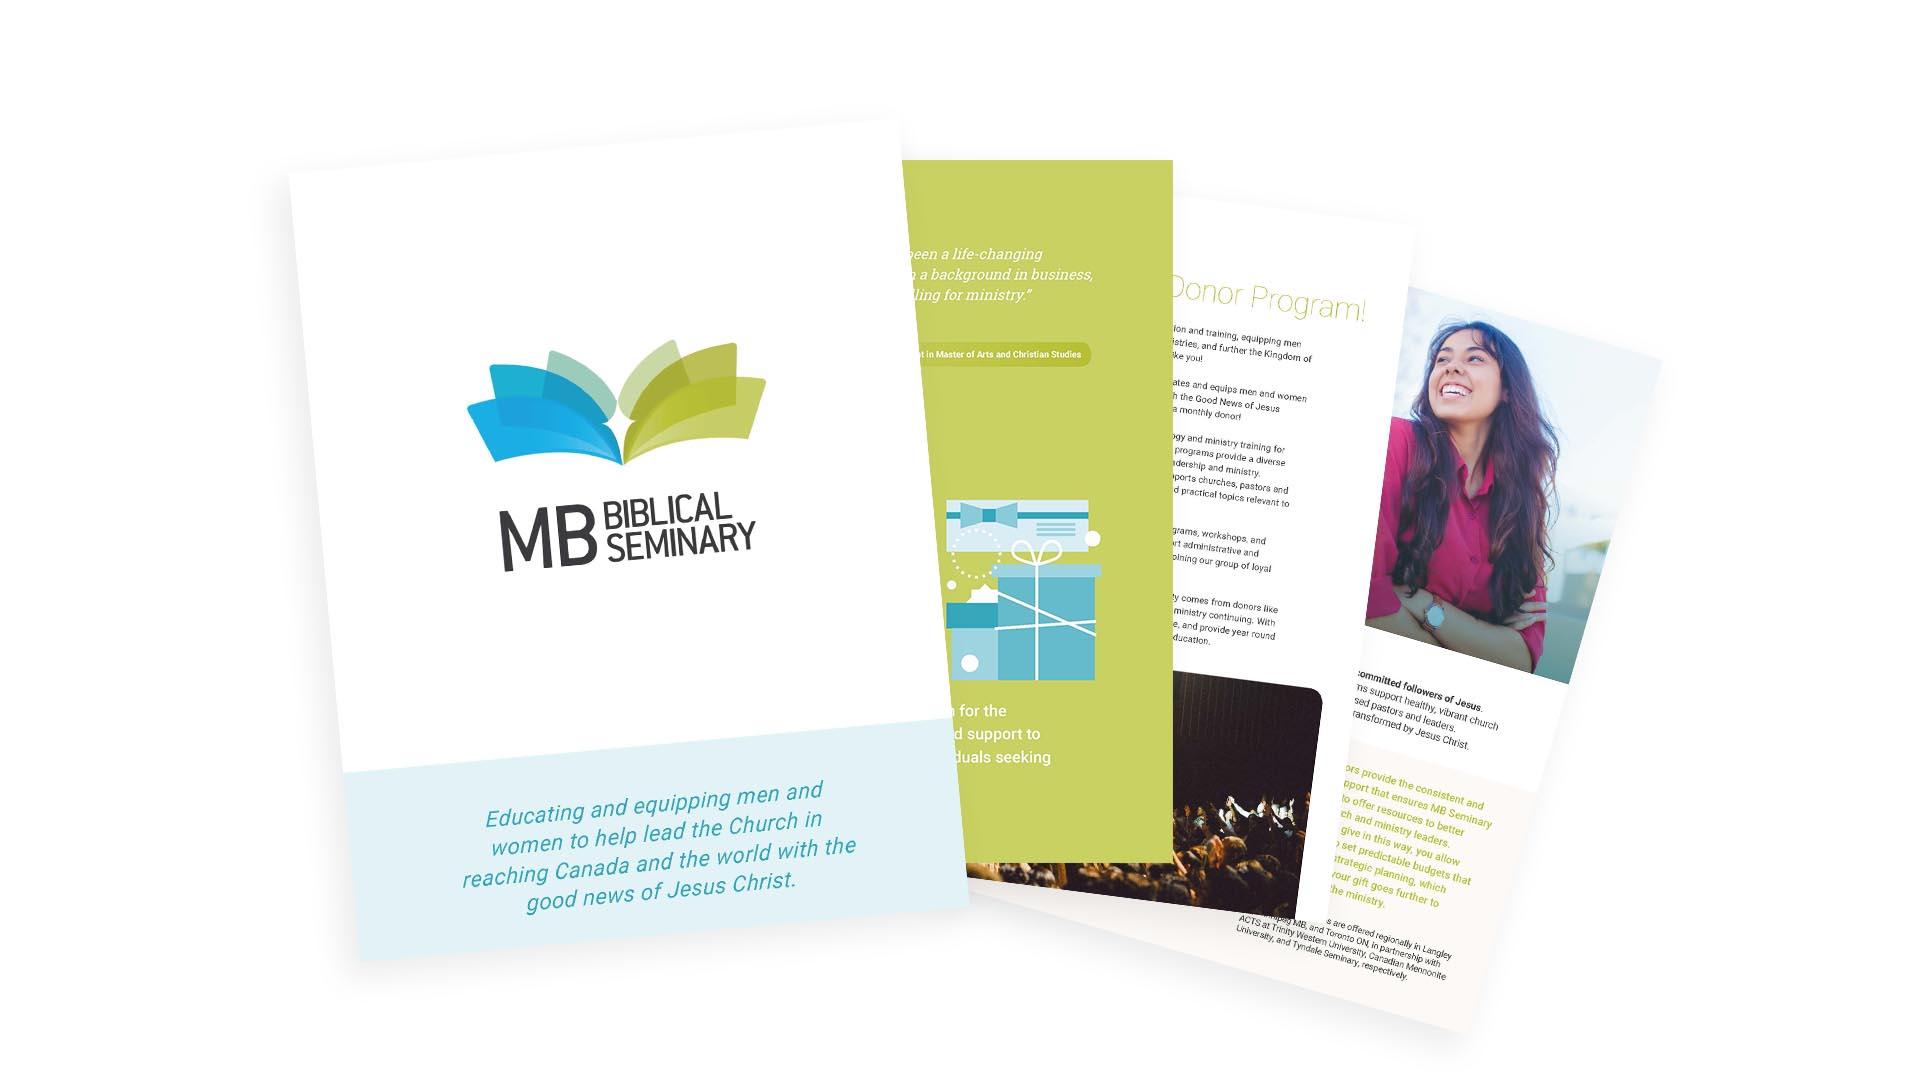 MBS-04.jpg